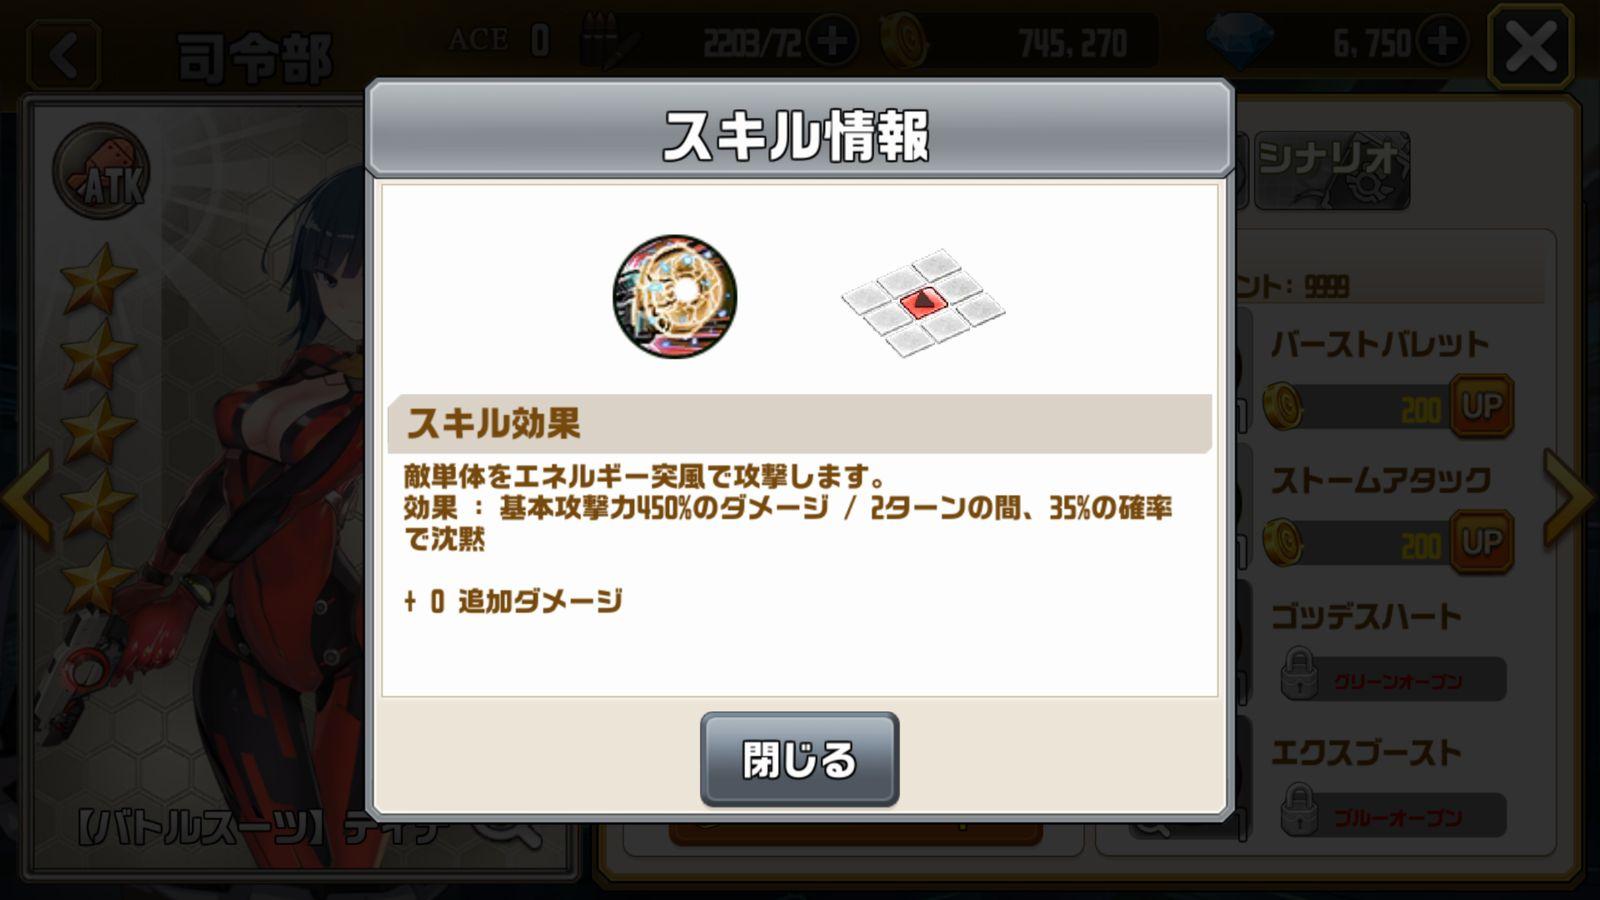 メガキス【攻略】上級司令官へのステップ2:部隊編集とバトルのコツ